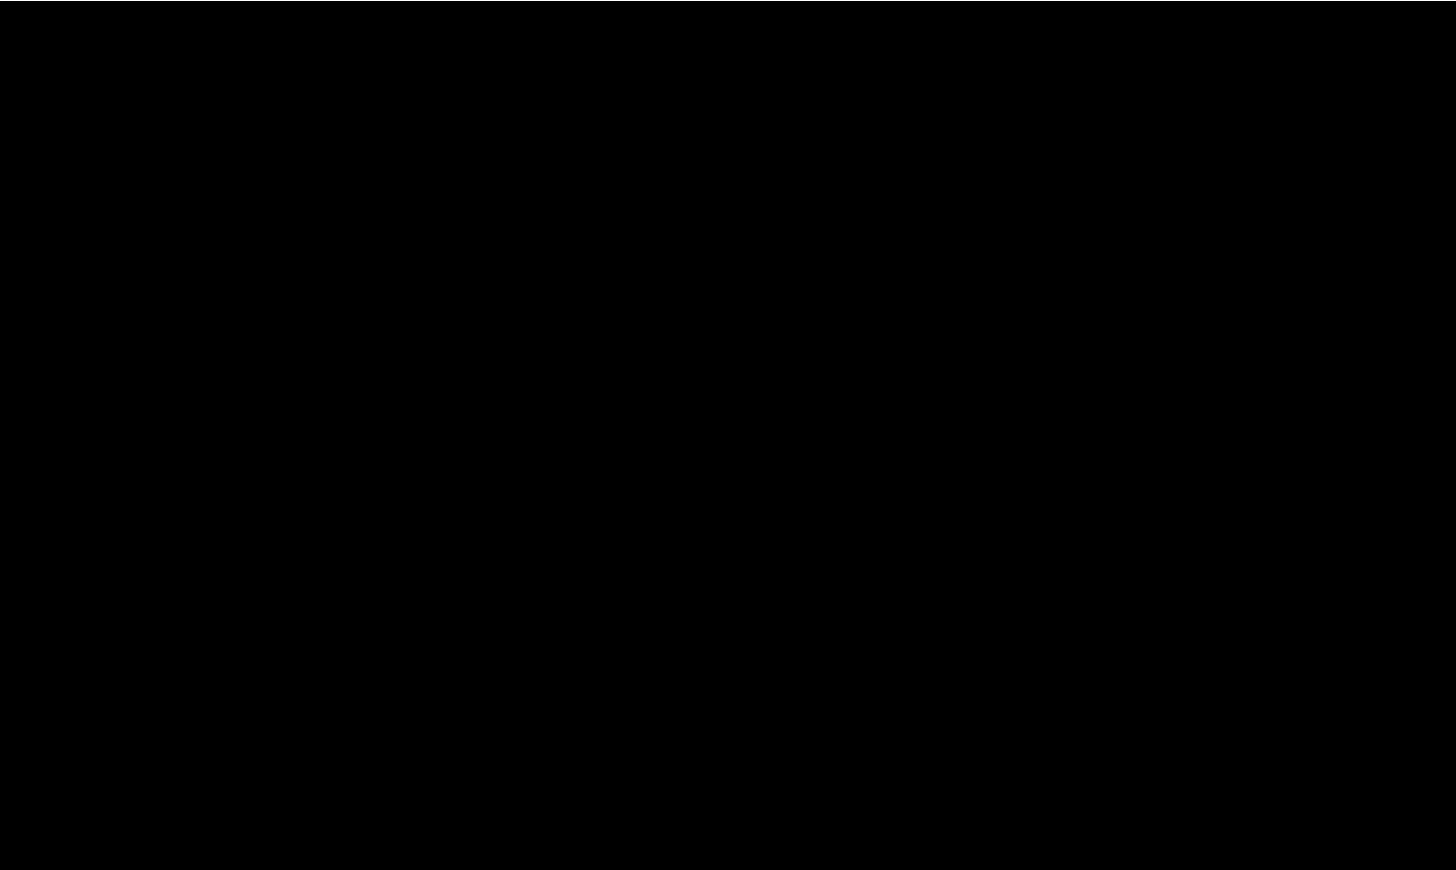 WEISSBURGUNDER - 2018 - HALBTrockenDieser Weißburgunder ist saftig und kommt gar nicht mal so trocken rüber. Ein echter Alltags-Verfeinerer - wozu also große Pläne machen, wenn die Terrasse nur einen Steinwurf entfernt ist? Freunde einladen und gemeinsam den Garten zur Lounge machen!